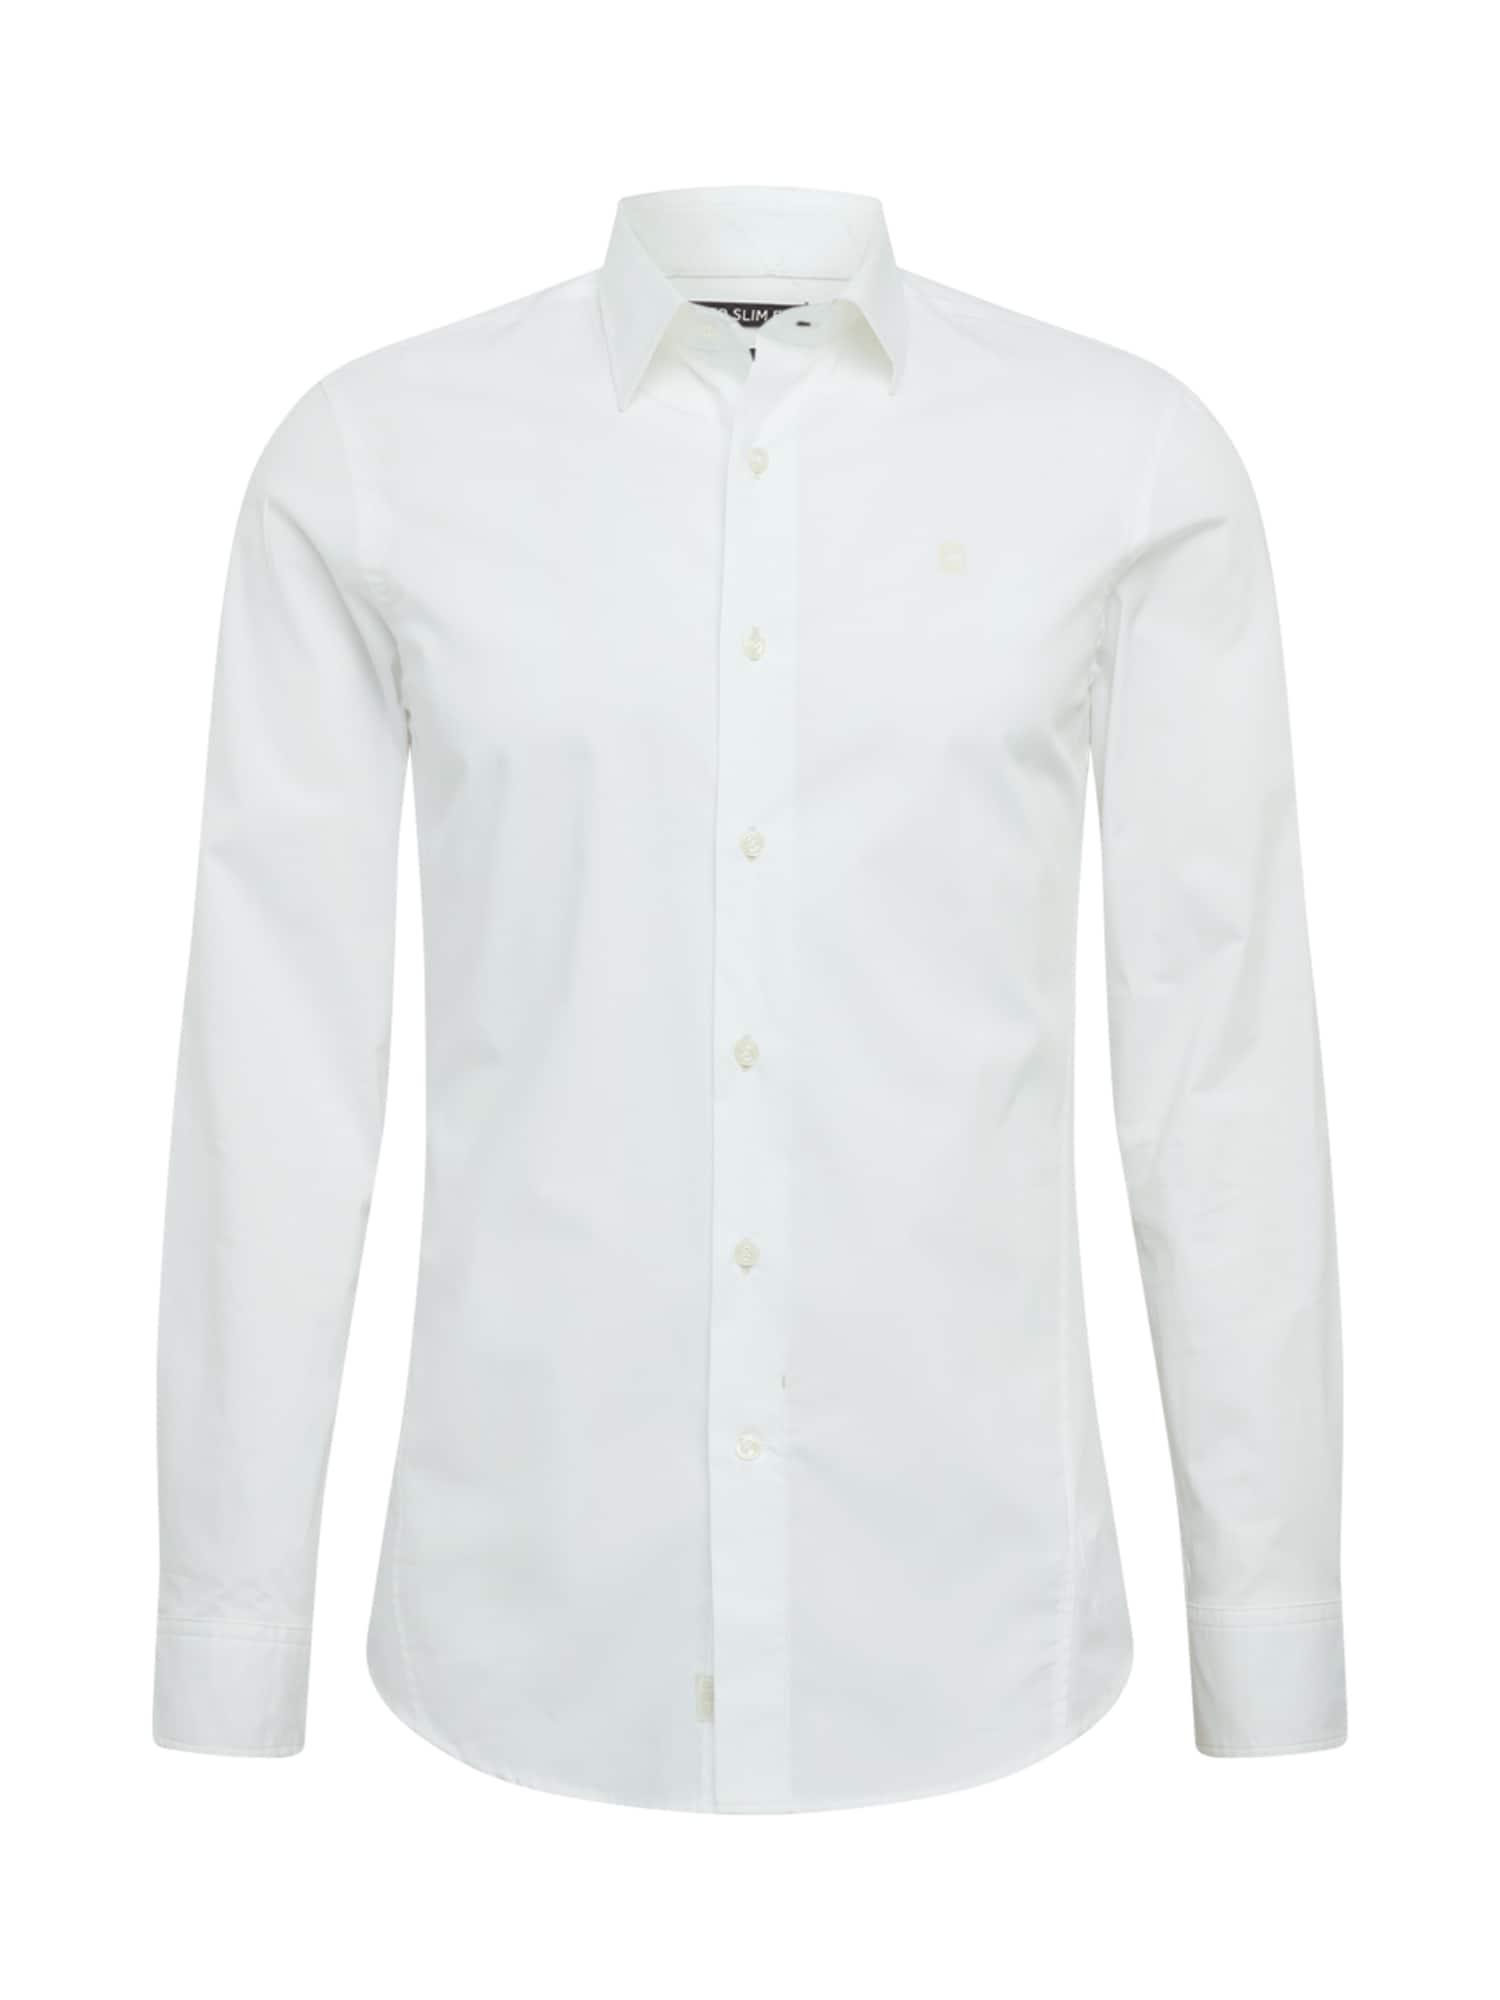 G-Star RAW Marškiniai balta